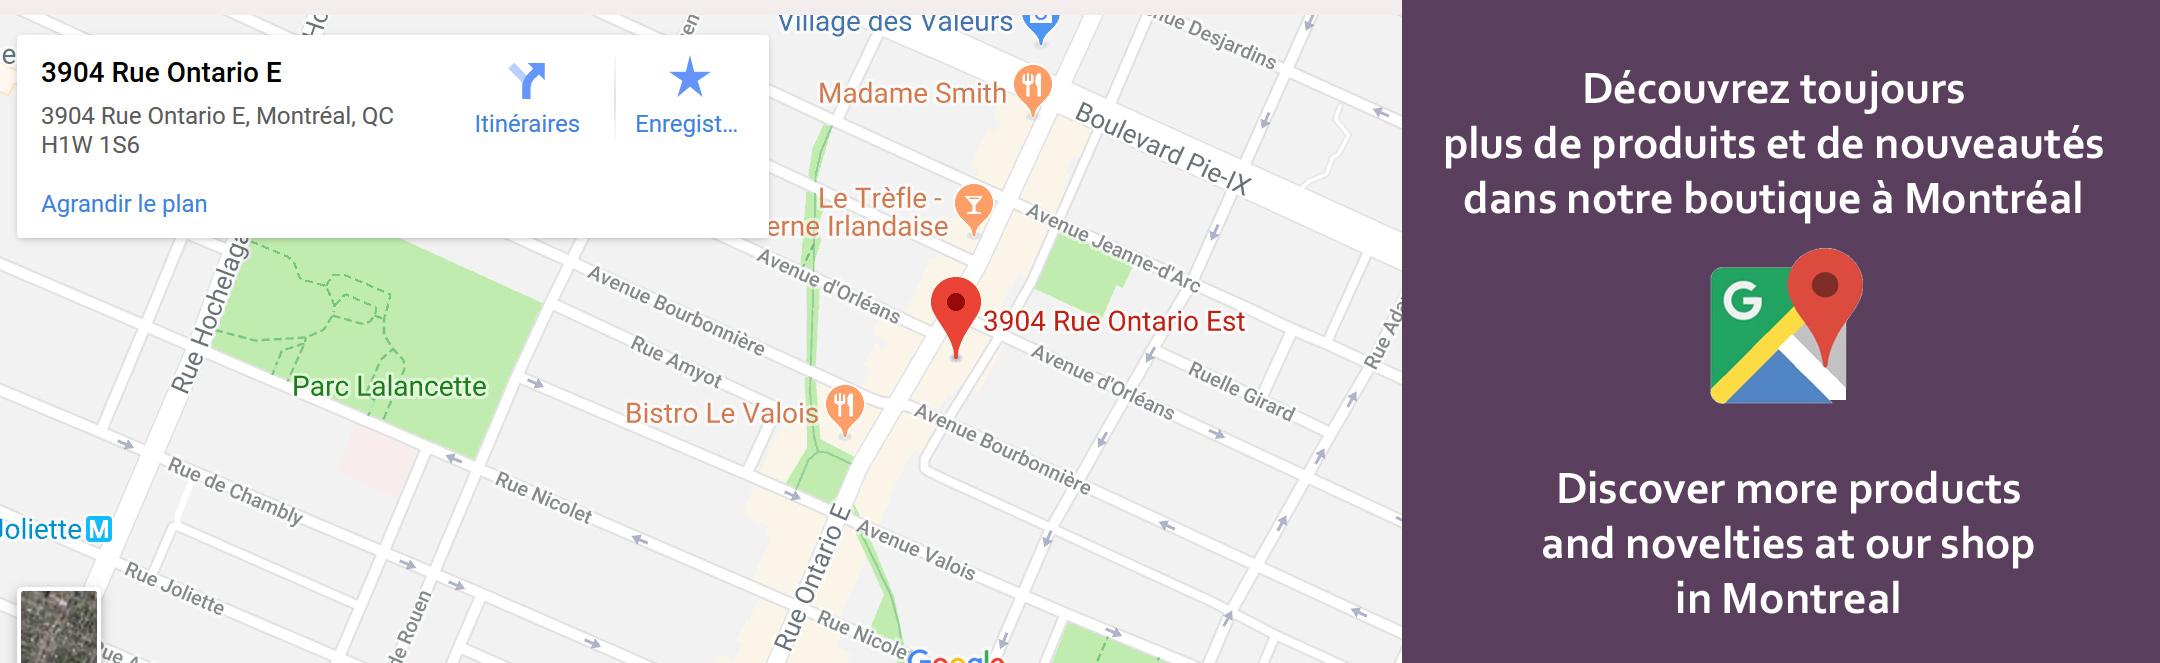 boutique pikottine Montréal